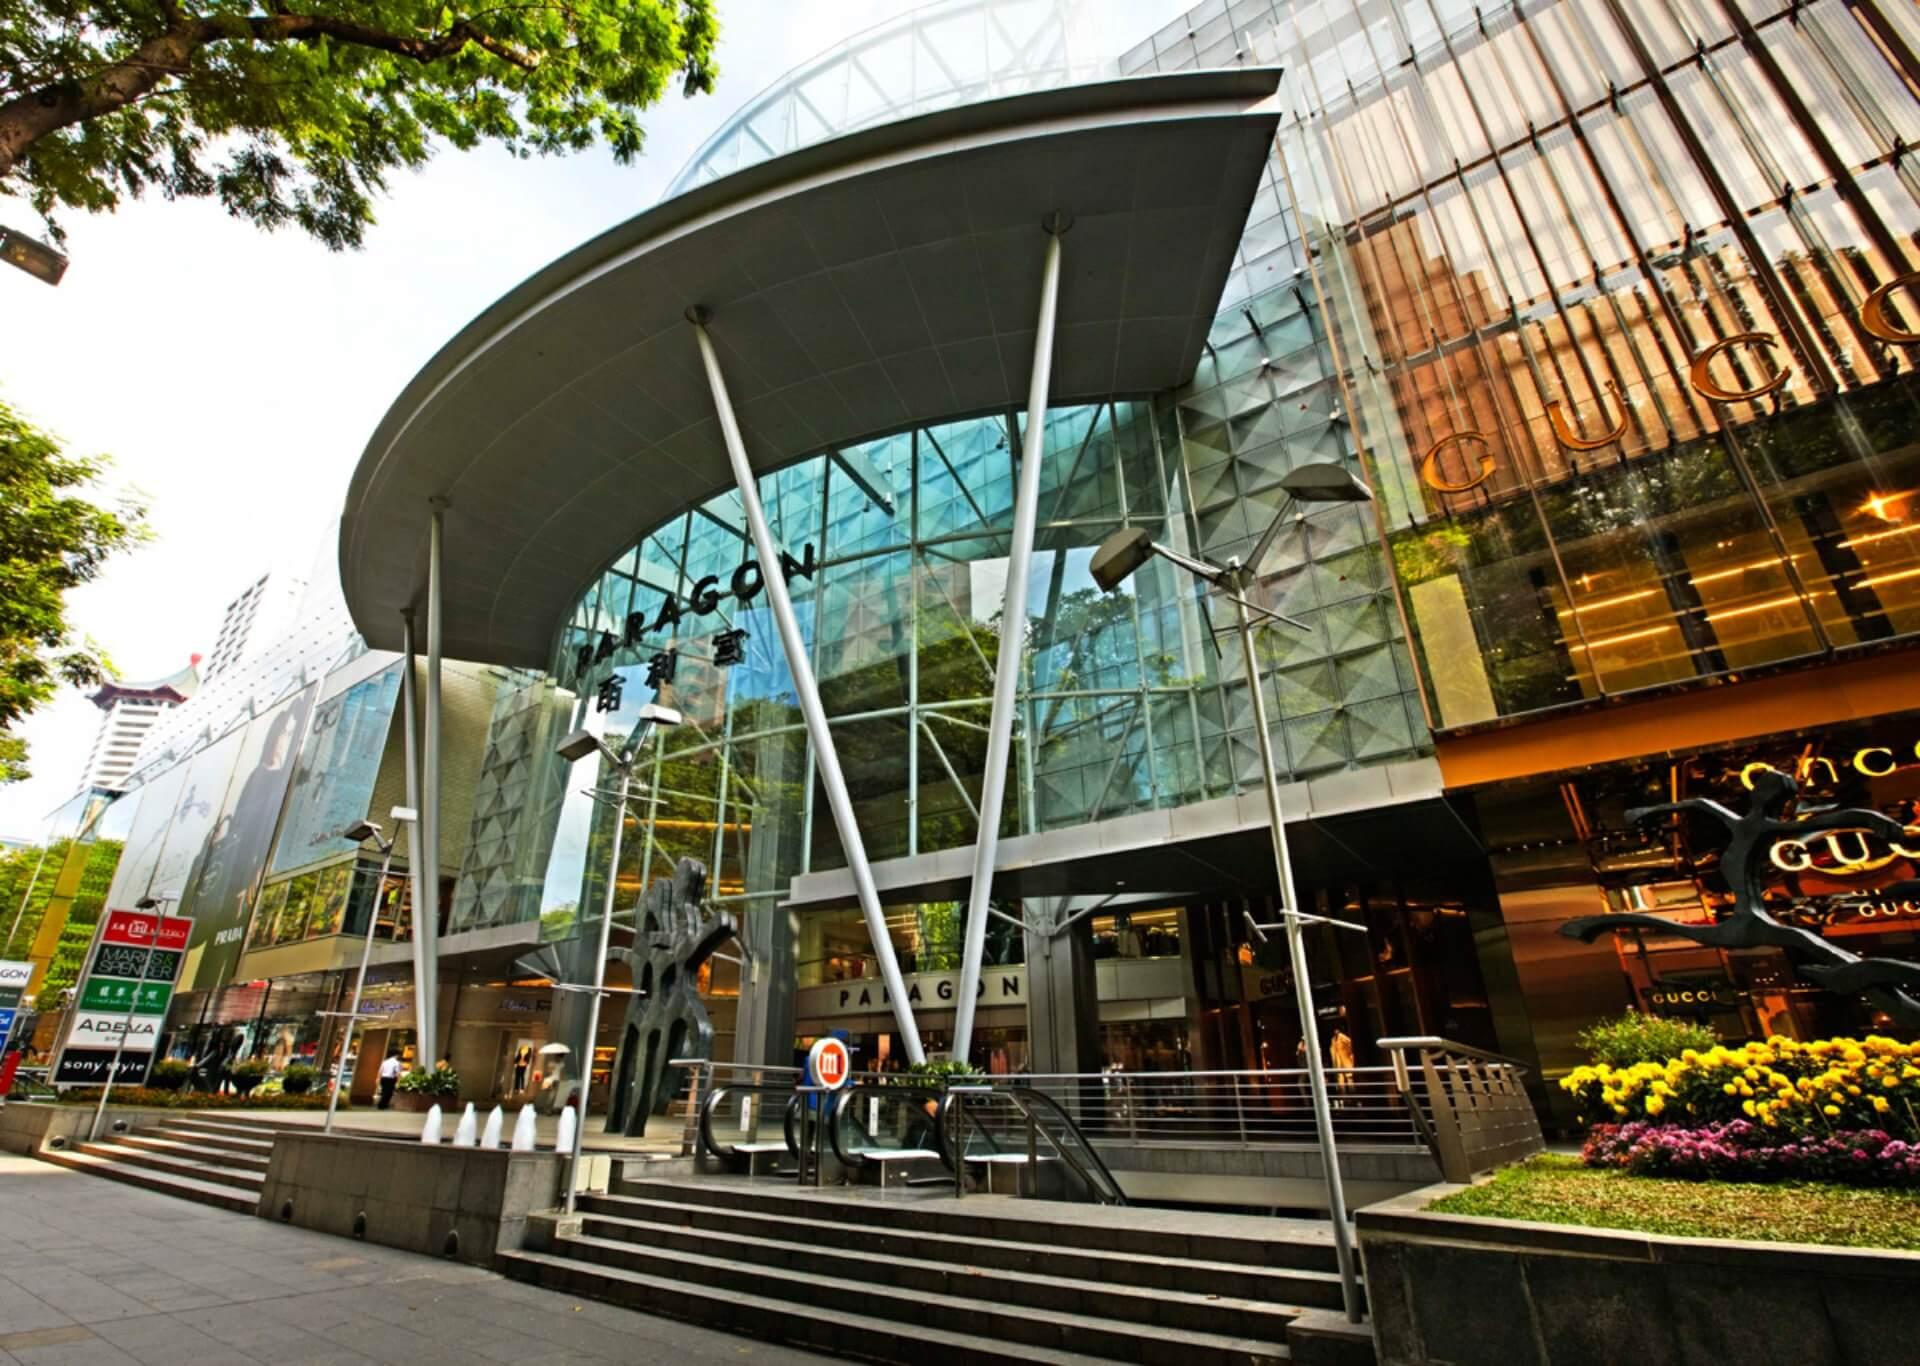 Centrum handlowe Paragon przy ulicy Orchard czyli najdroższej ulicy handlowej w Singapurze i jeden z najdroższych na świecie.